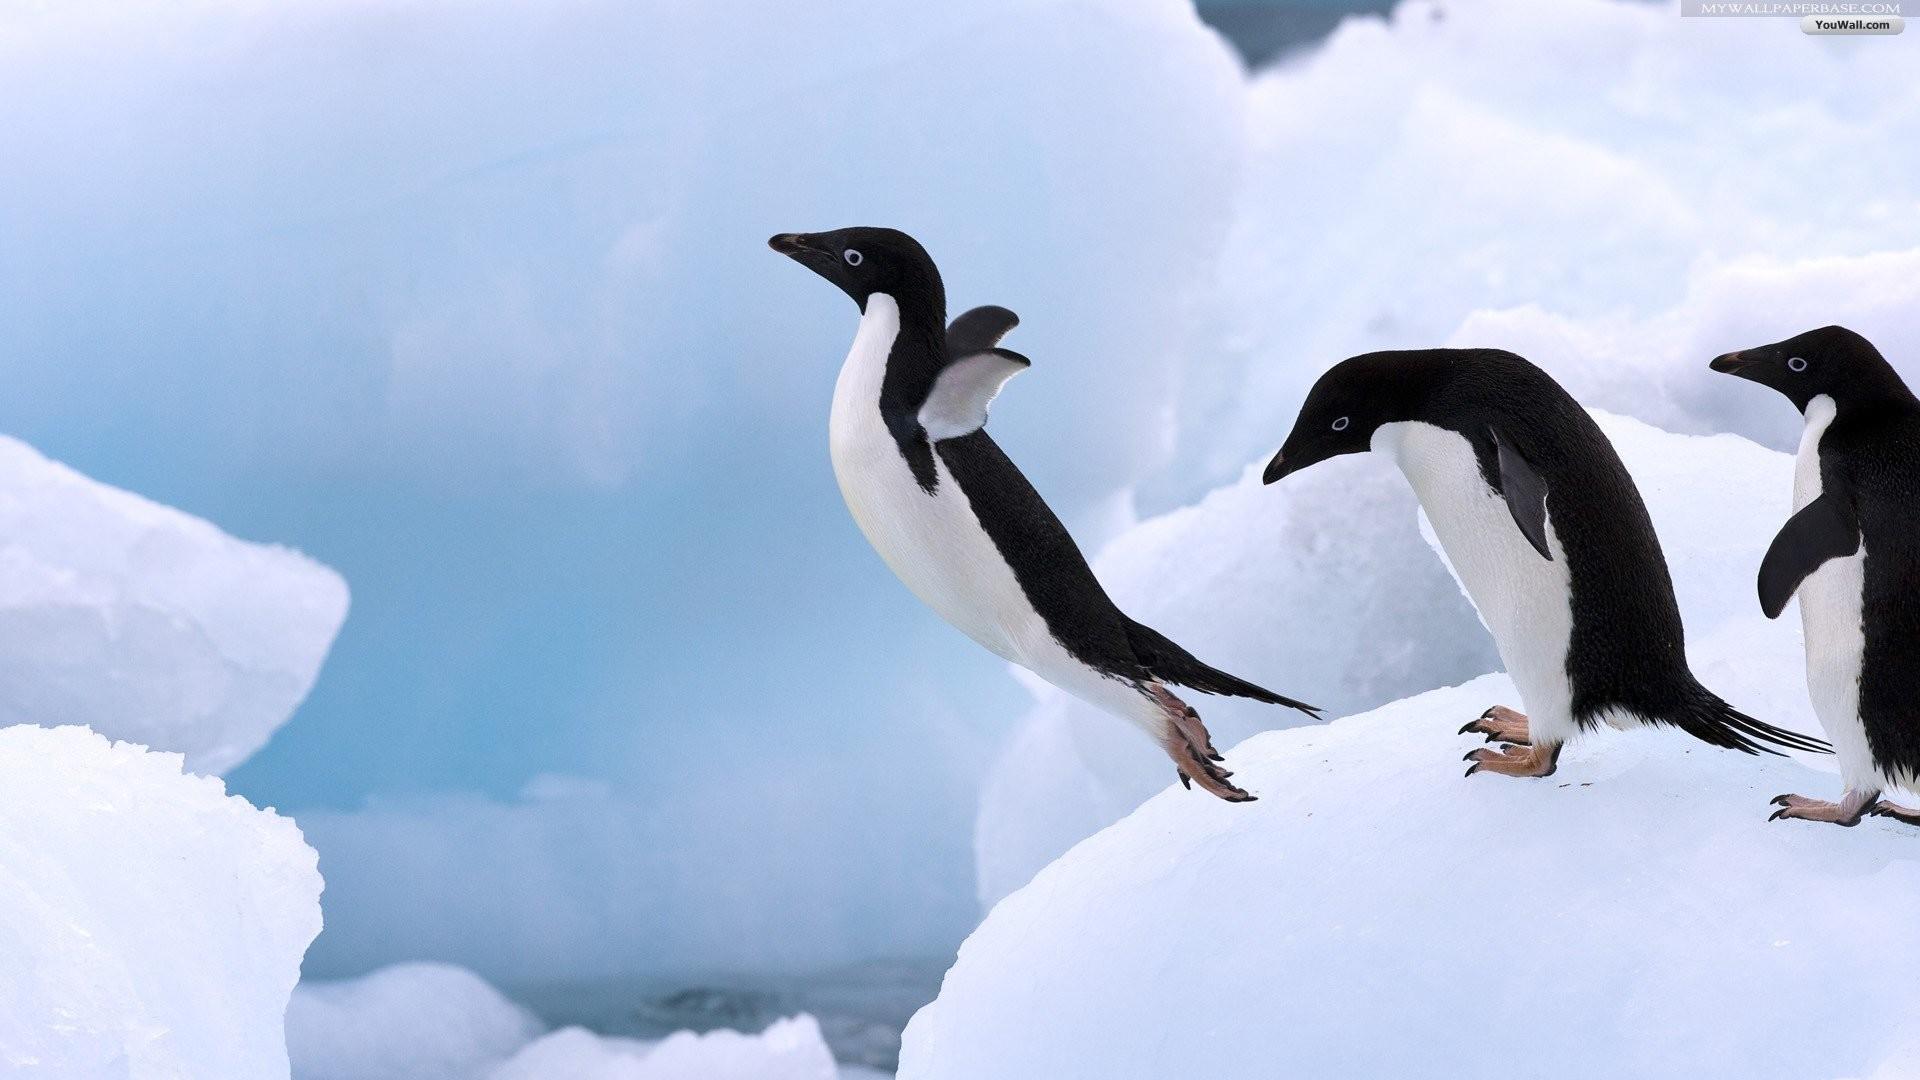 Penguin Wallpaper Full Hd …